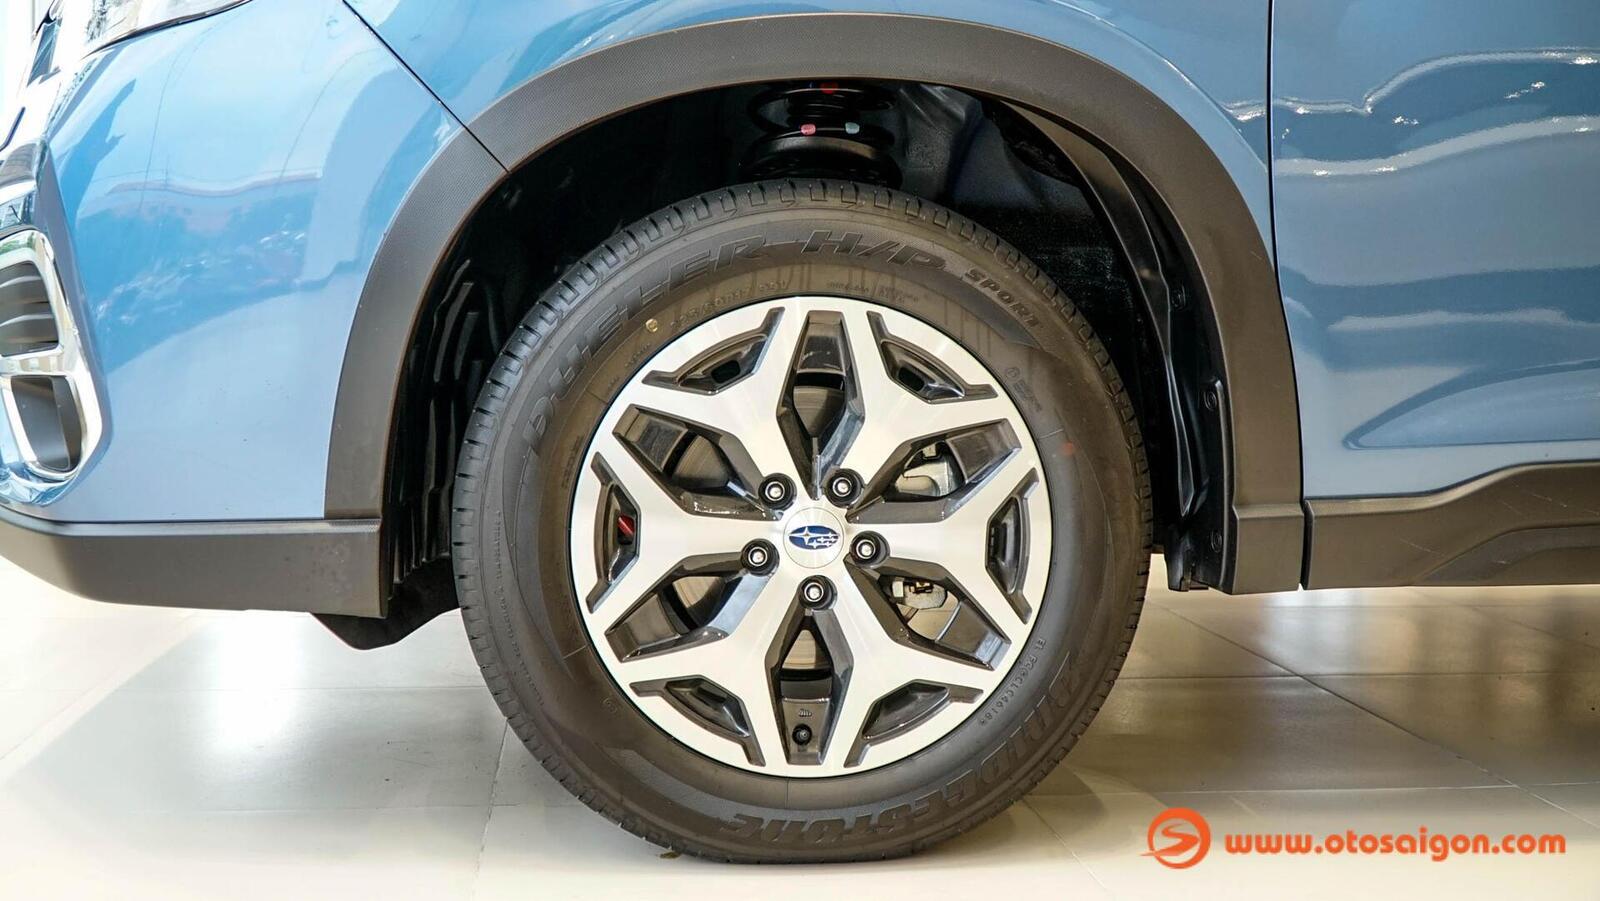 Đánh giá nhanh Subaru Forester thế hệ mới và sự khác biệt giữa hai phiên bản - Hình 13